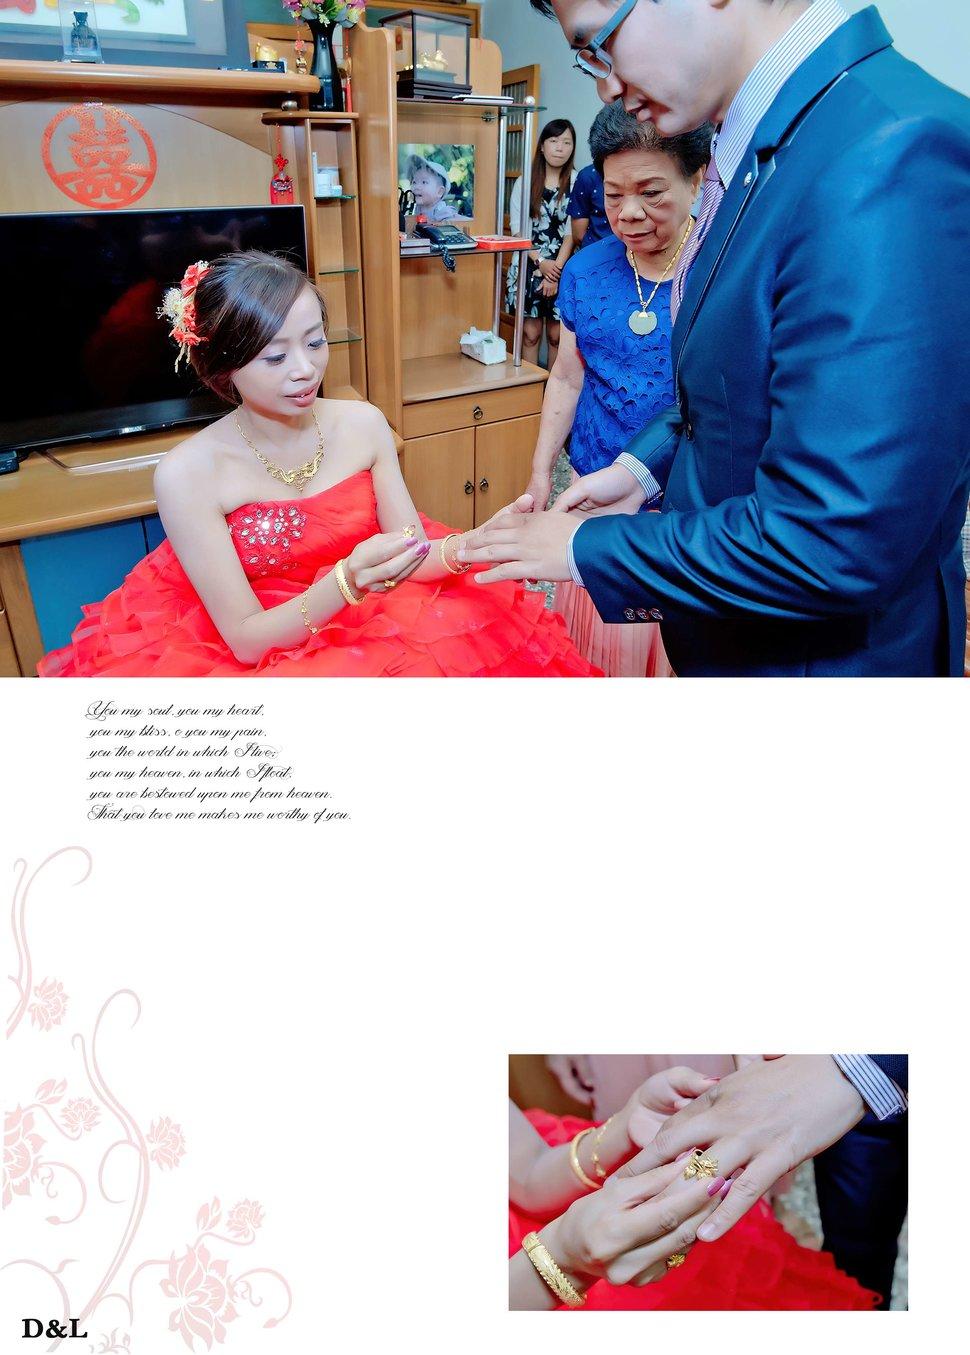 婚禮記錄 維信&佩君(編號:374390) - D&L 婚禮事務-婚紗攝影/婚禮記錄 - 結婚吧一站式婚禮服務平台